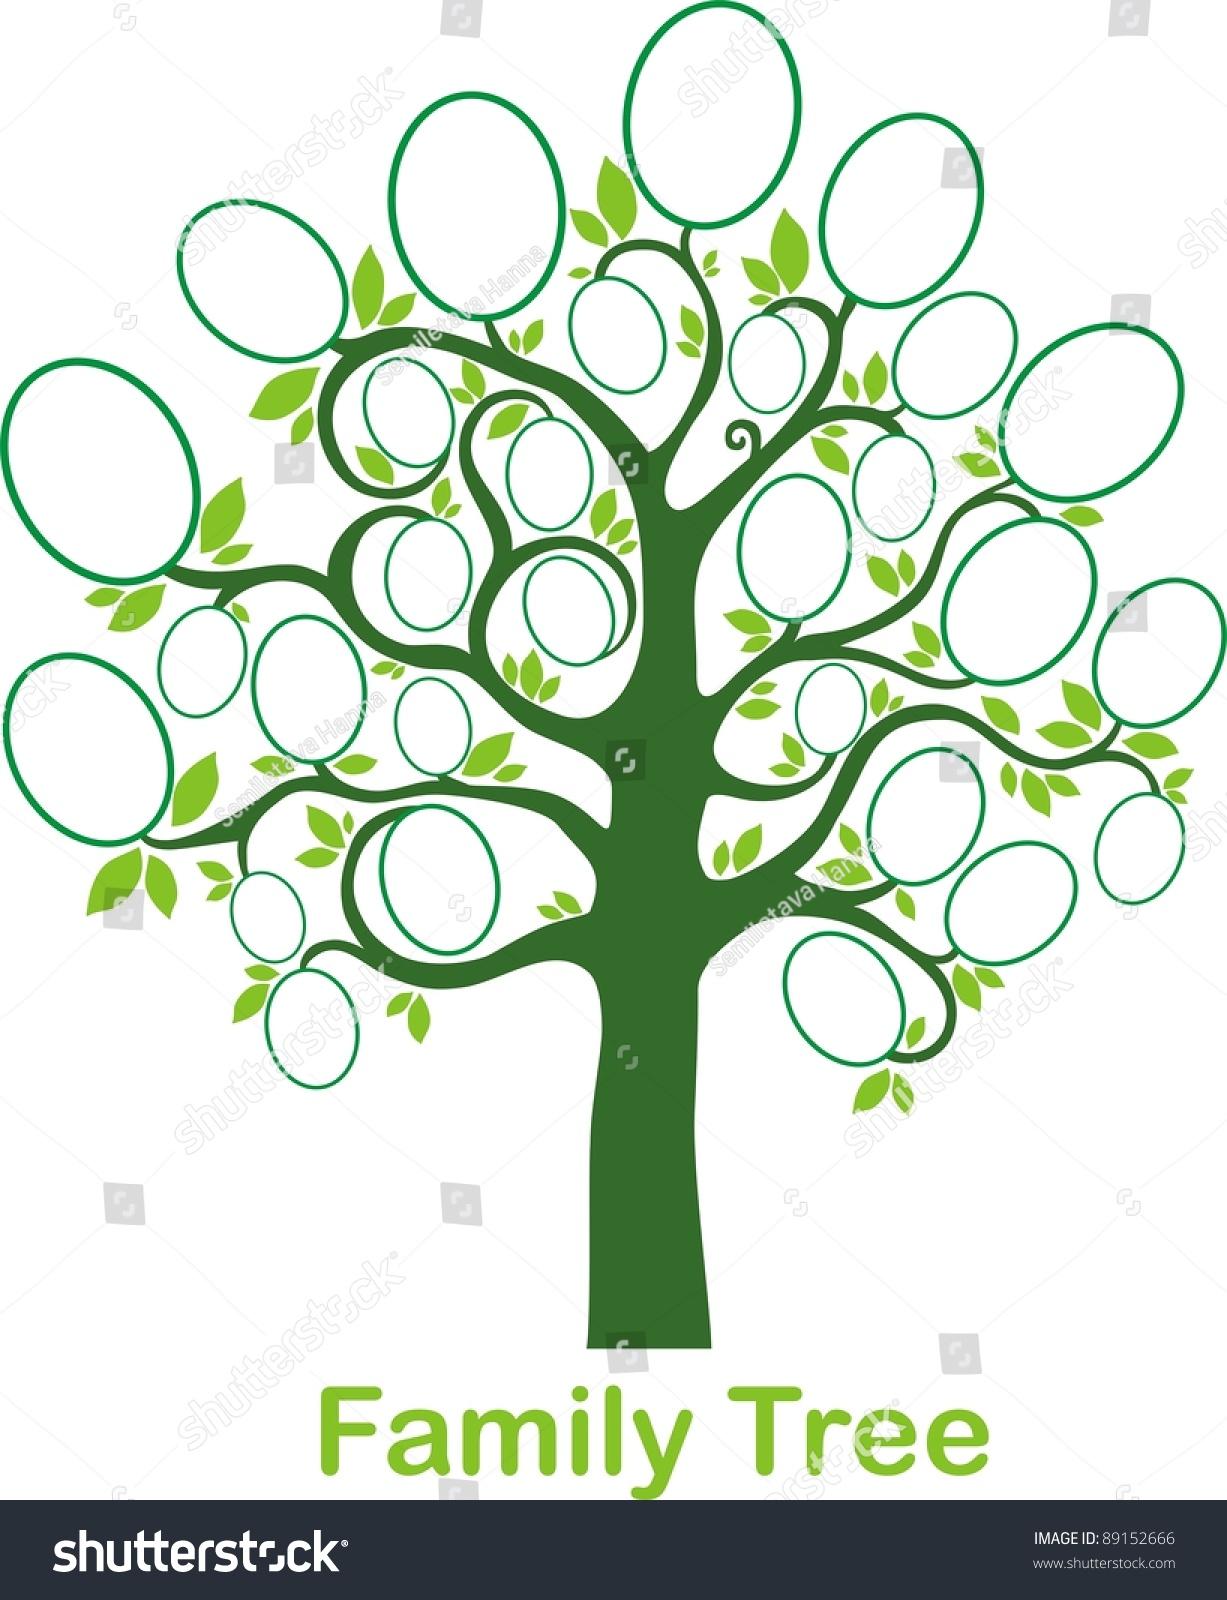 Family tree clipart vector